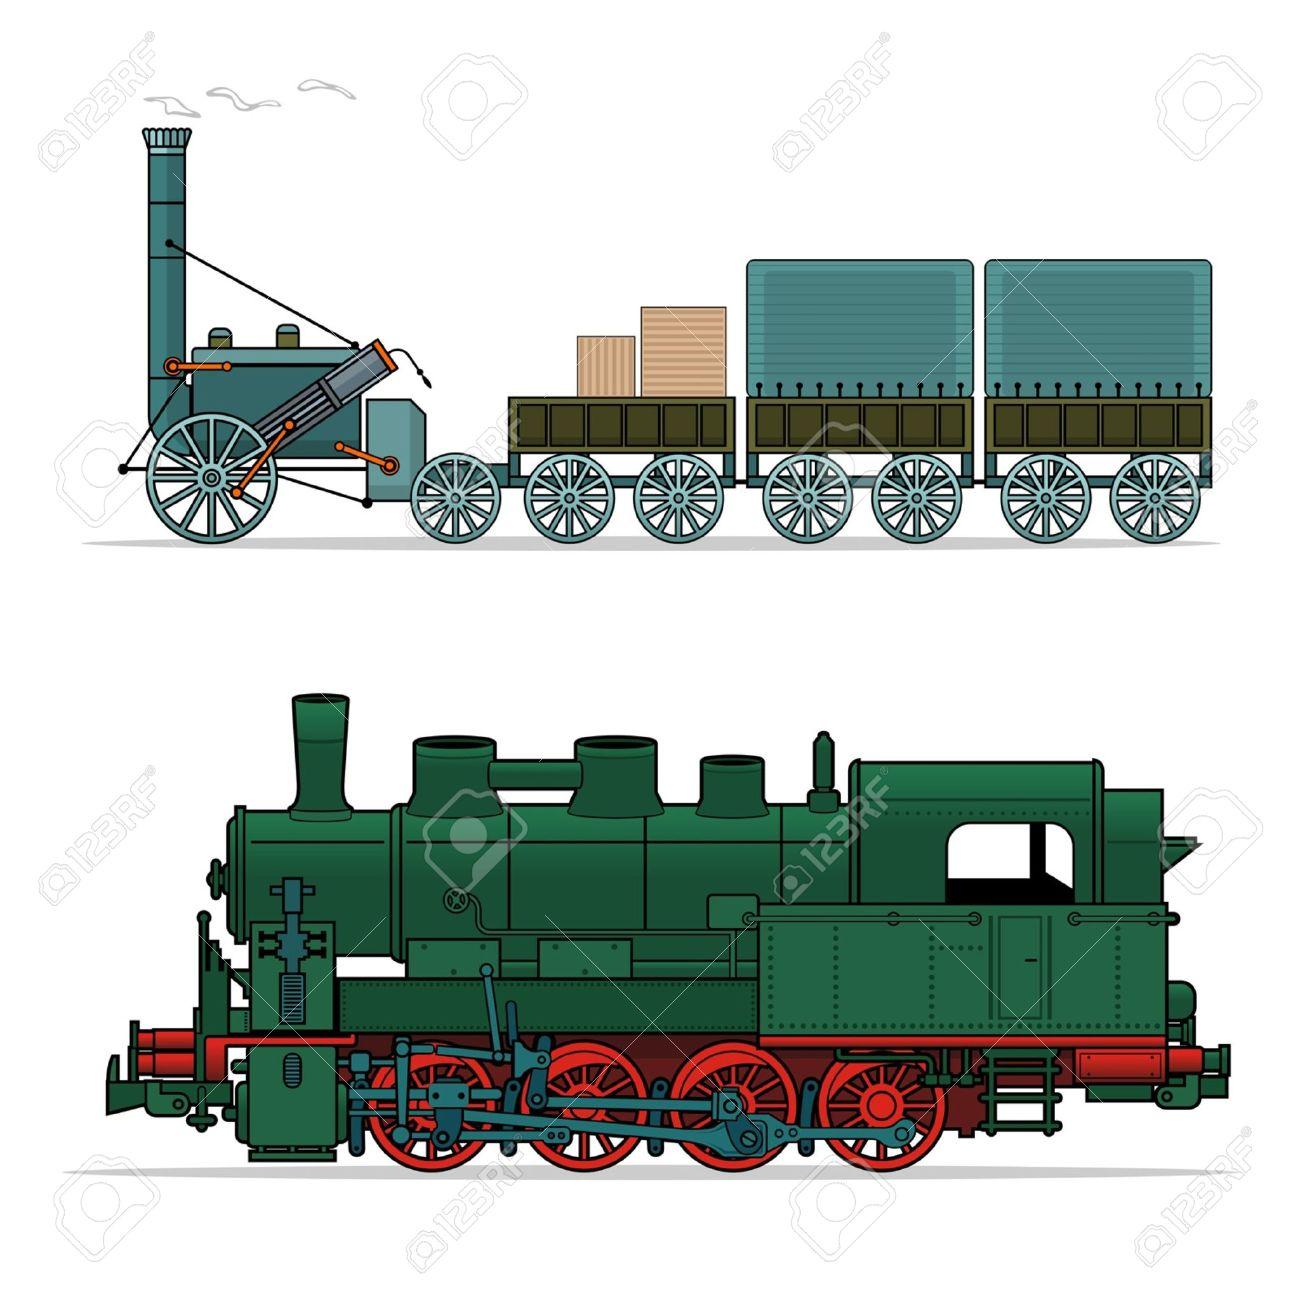 Steam engine green clipart.